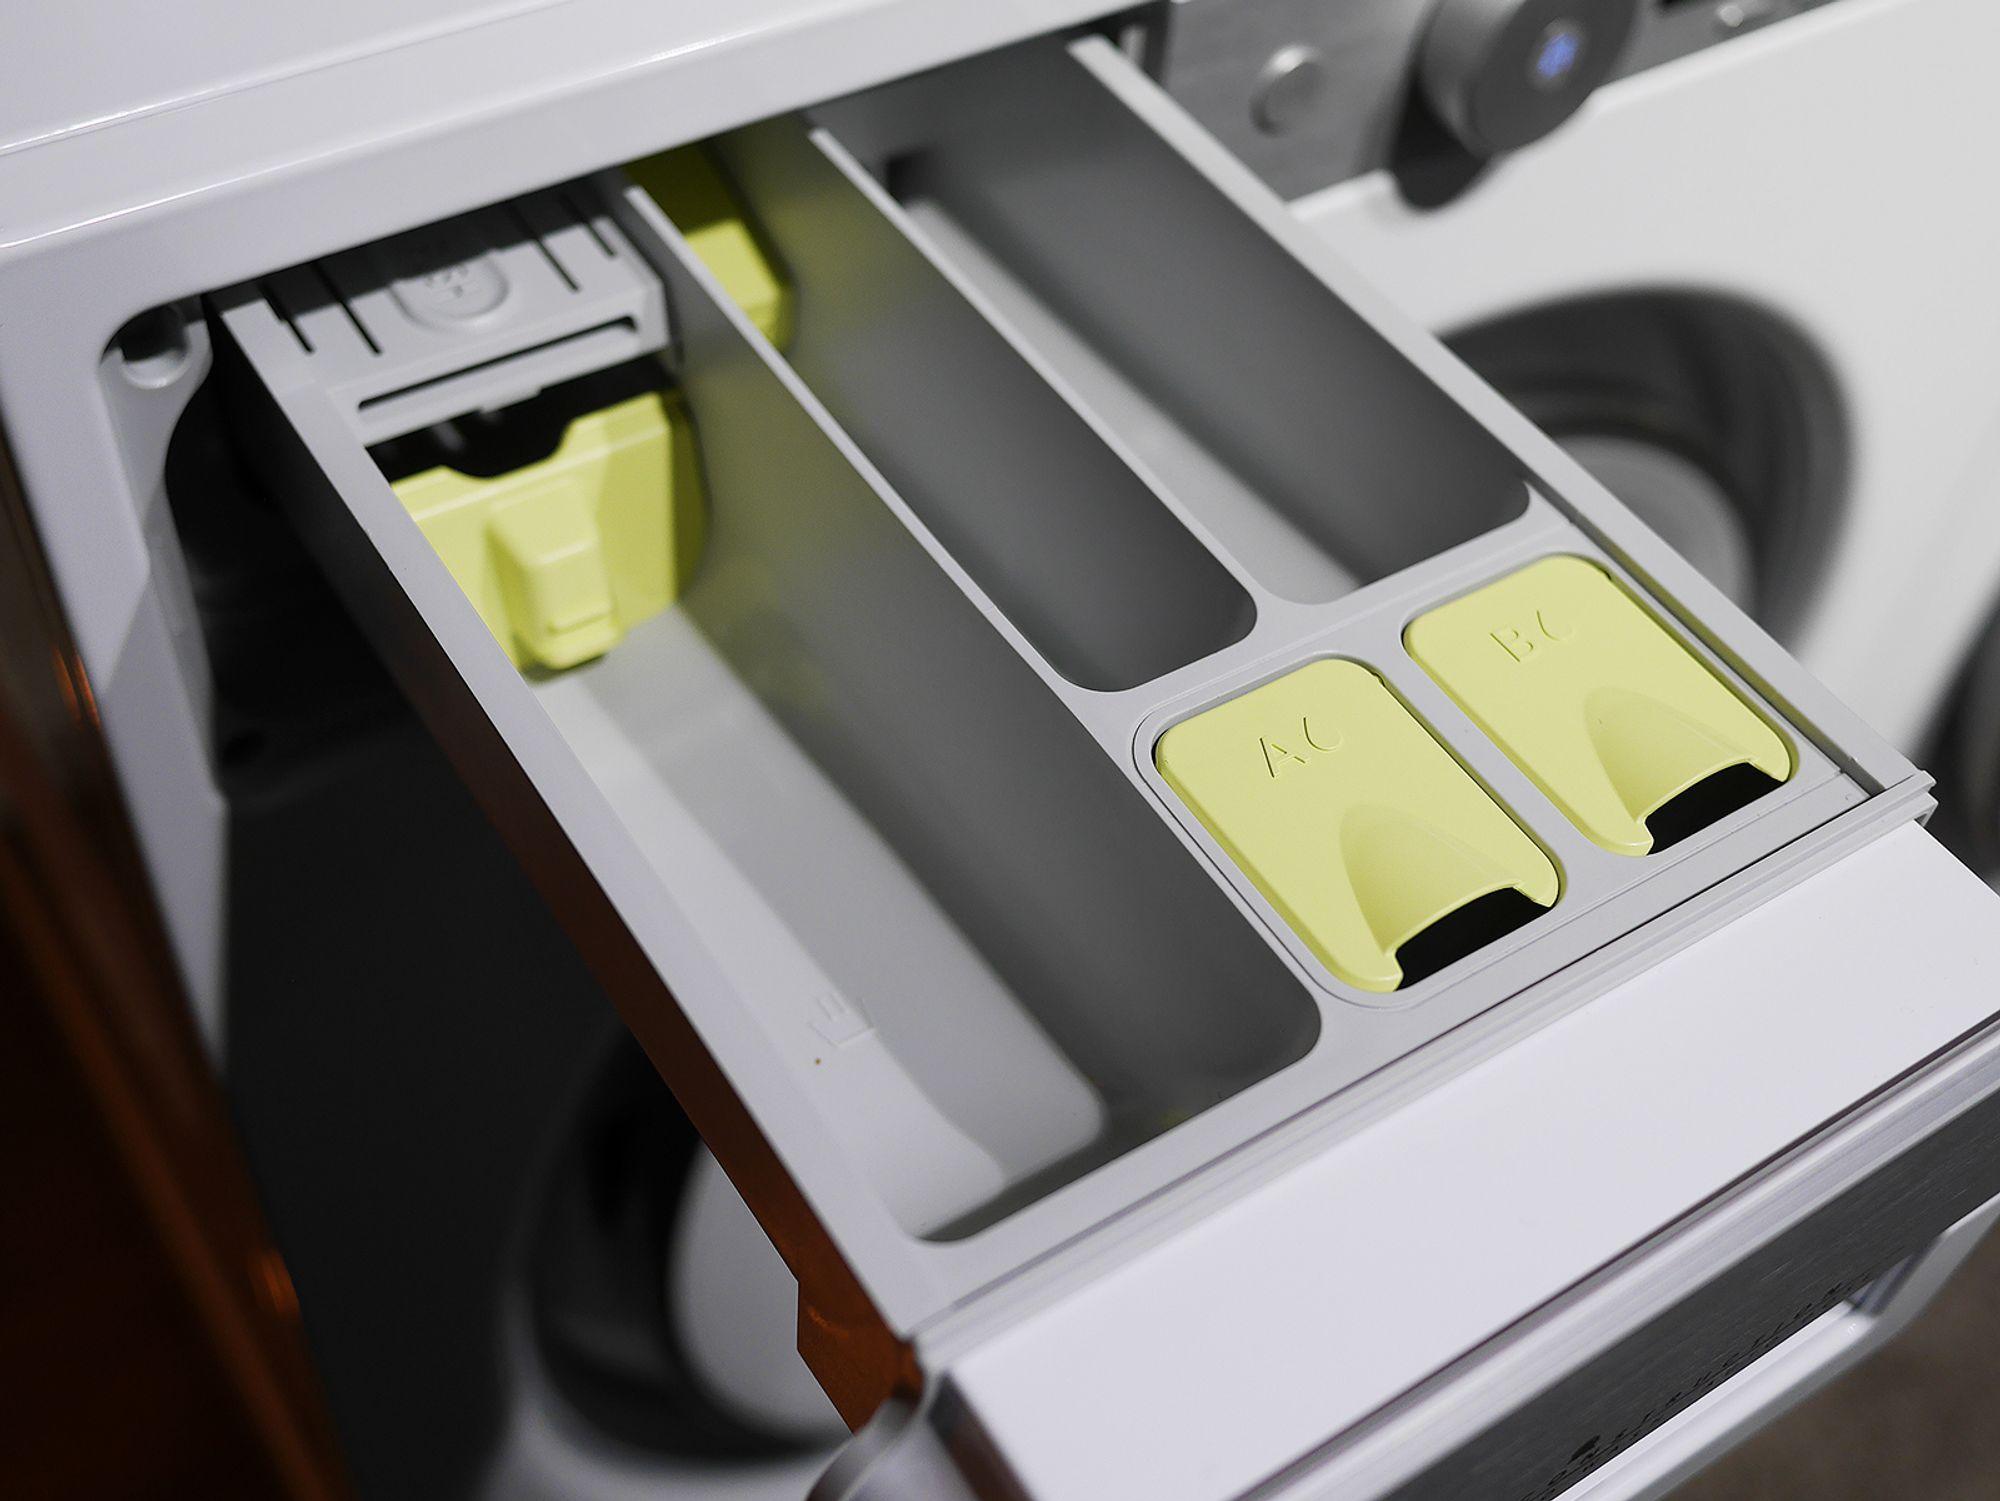 På de nye vaskemaskinene fra Asko kan man fylle to tanker for autodosering, merket A og B, i den tradisjonelle doseringsskuffen. Foto: Stian Sønsteng.